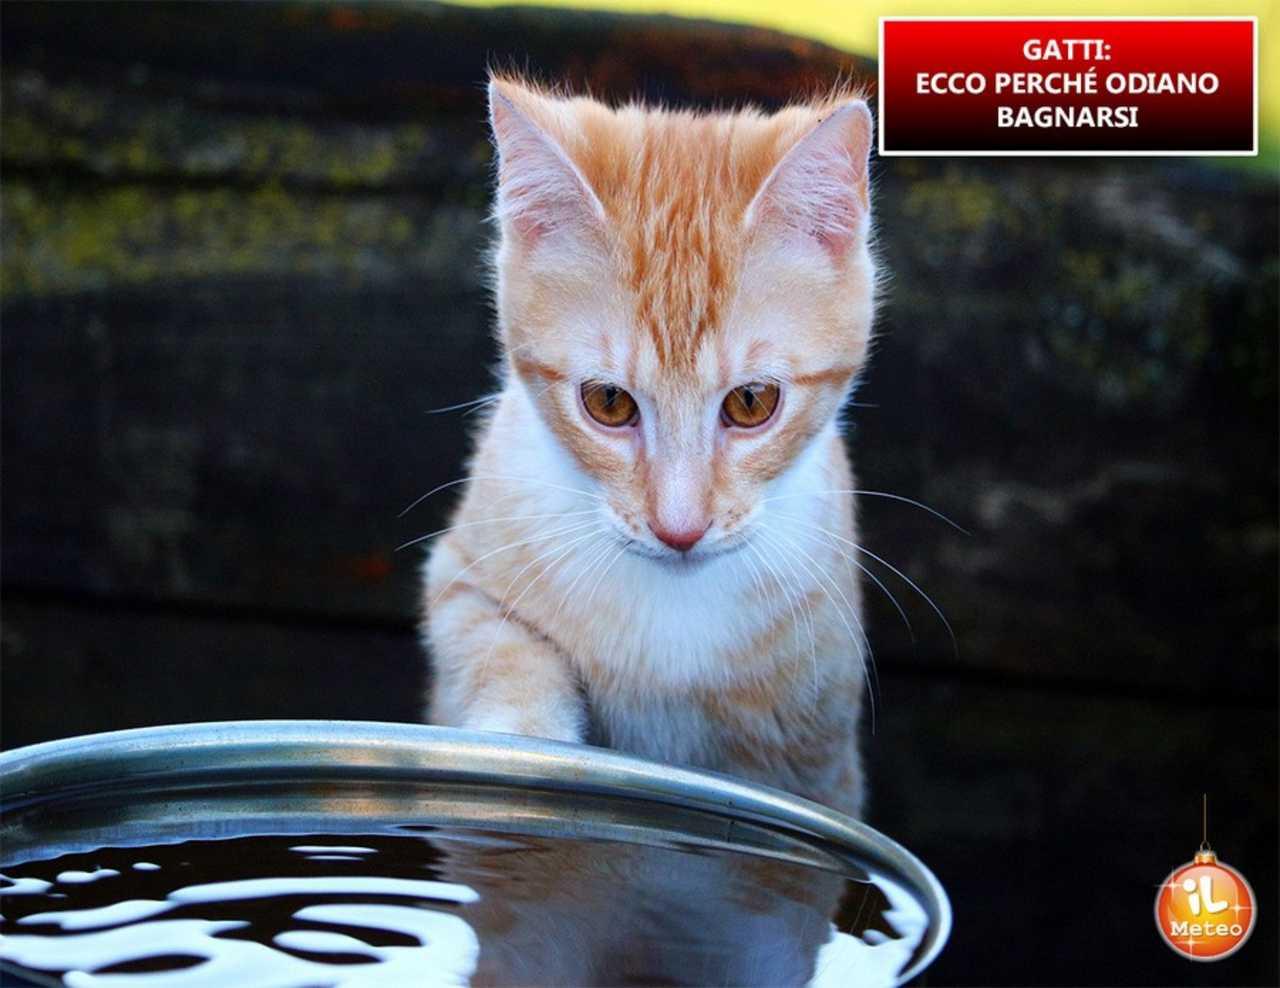 Gatti Ecco Perchè Odiano Bagnarsi Video Ilmeteoit